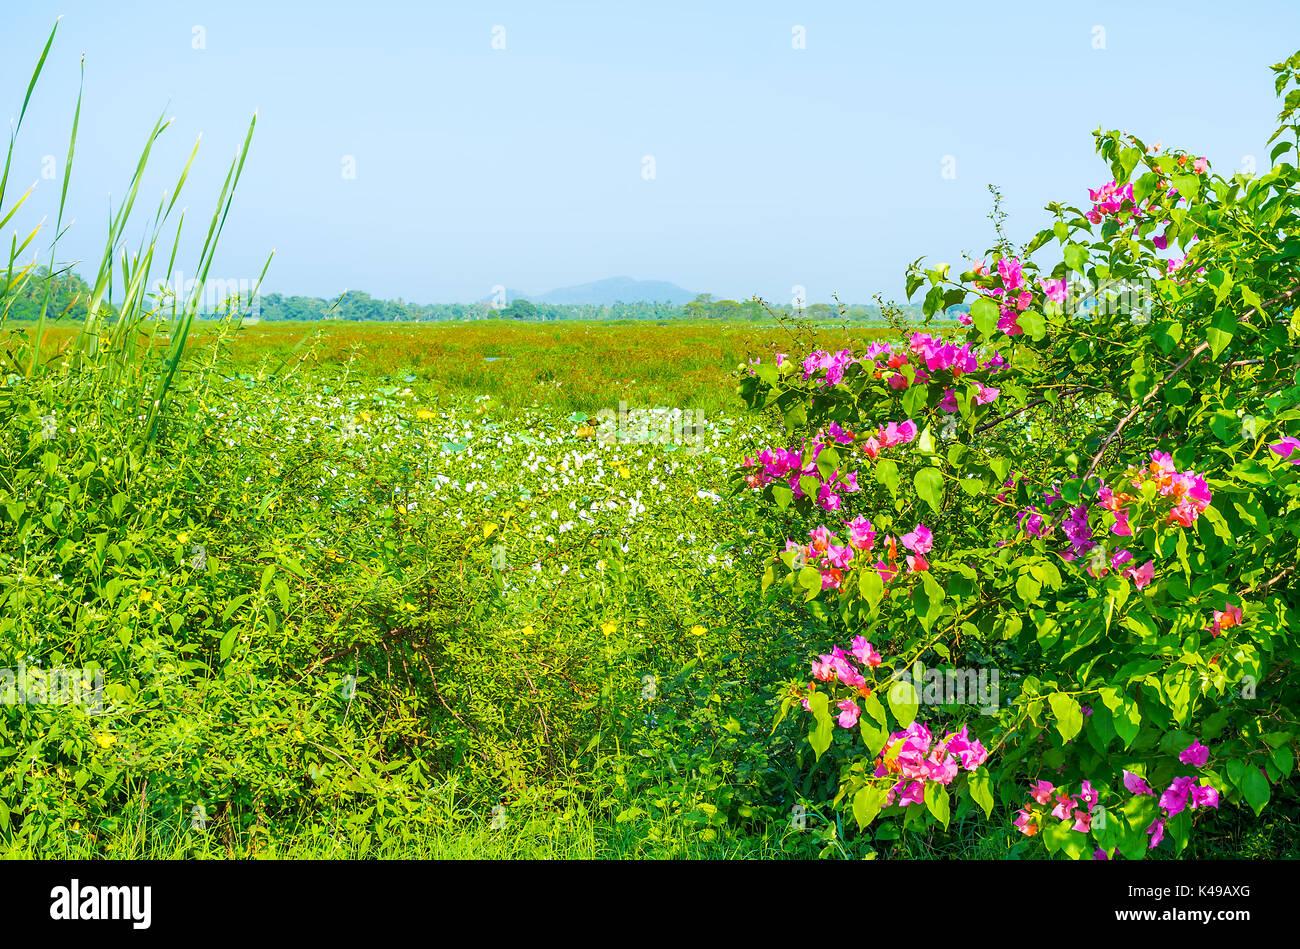 Sri lankan nature boasts scenic landscapes with beautiful flowers sri lankan nature boasts scenic landscapes with beautiful flowers and greenery izmirmasajfo